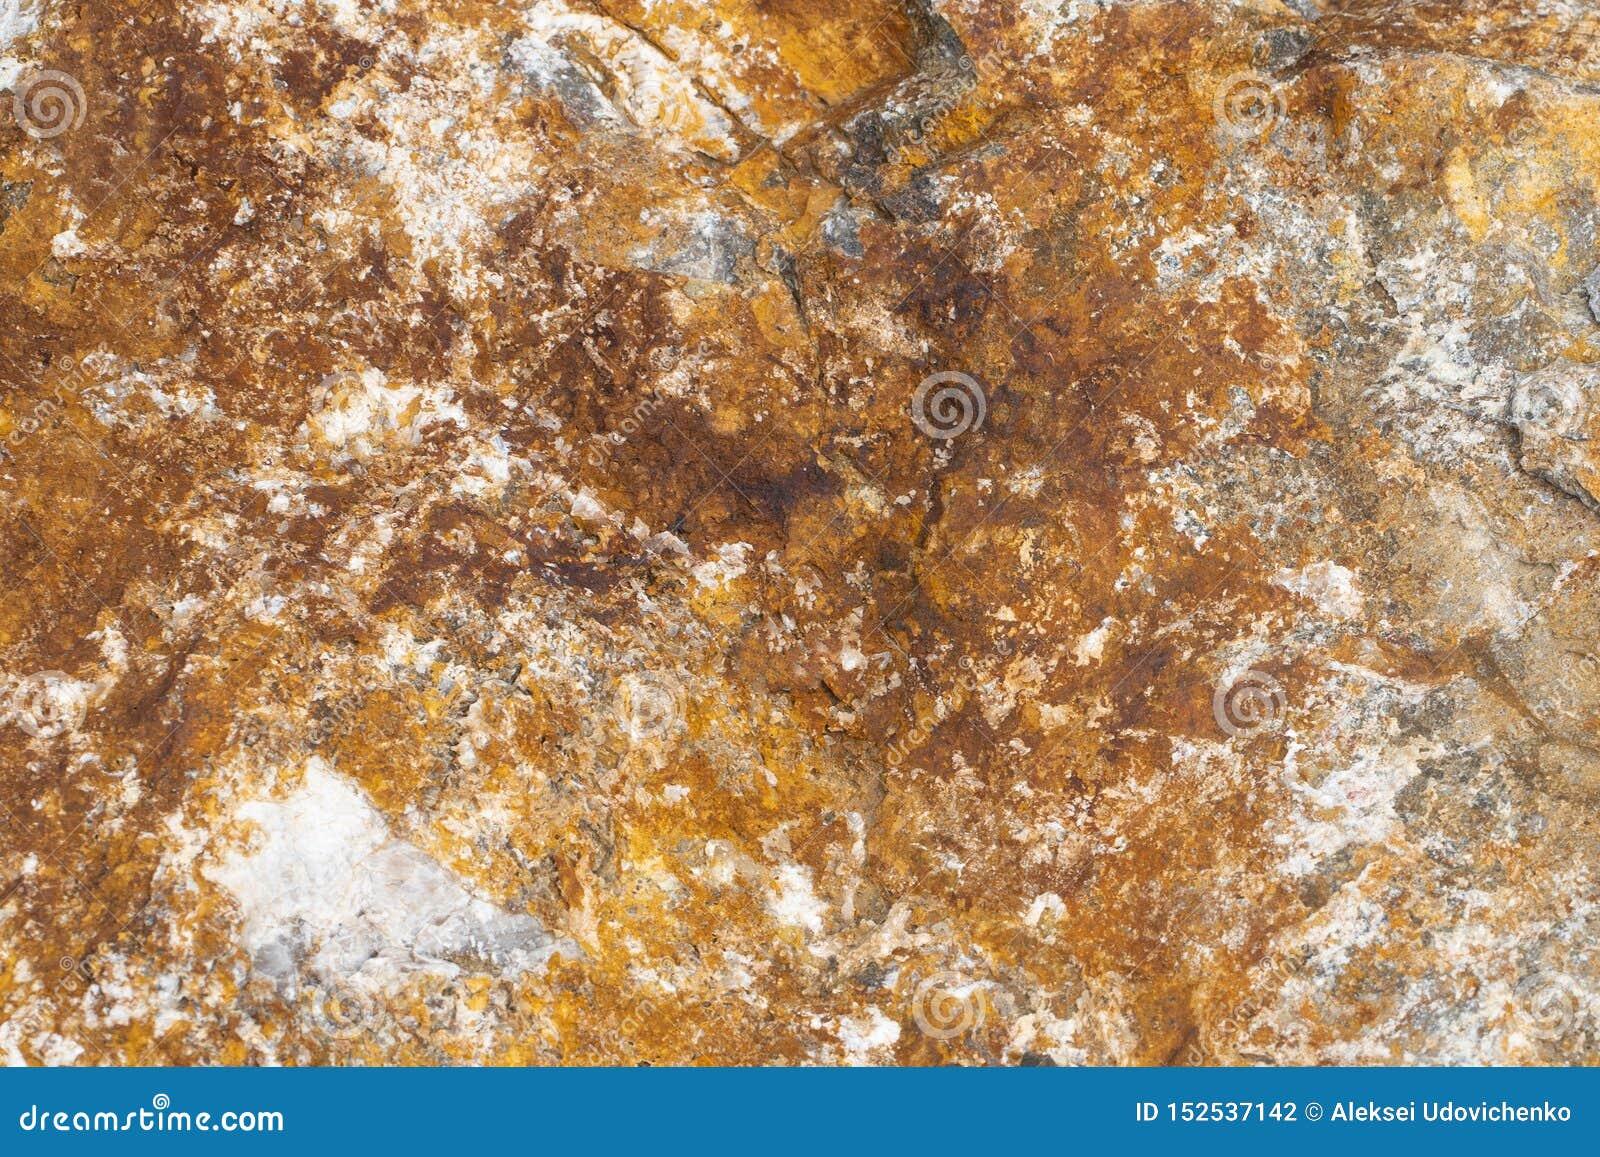 Foto der abstrakten Hintergrundbeschaffenheit des Natursteins